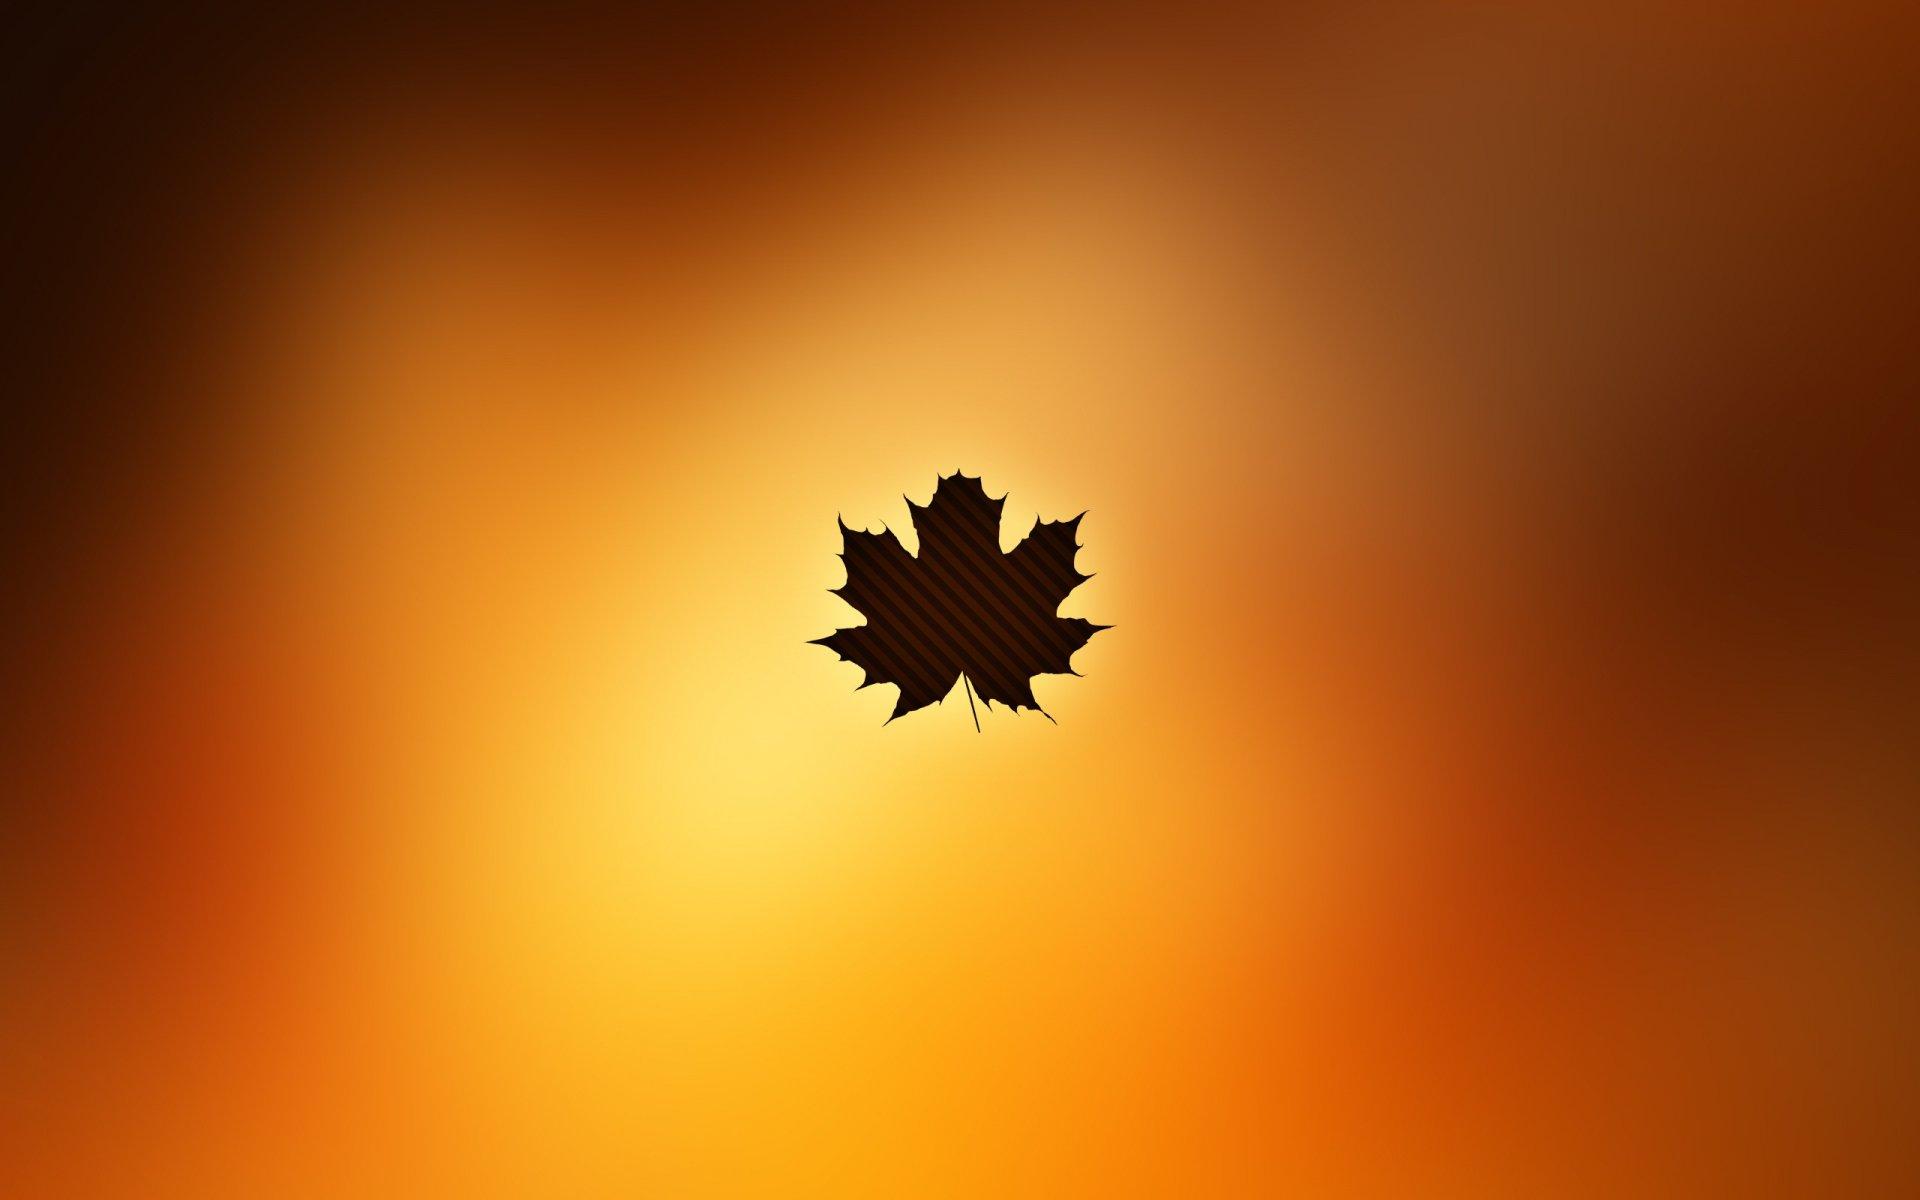 Обои осень, желтый, вектор. Минимализм foto 9